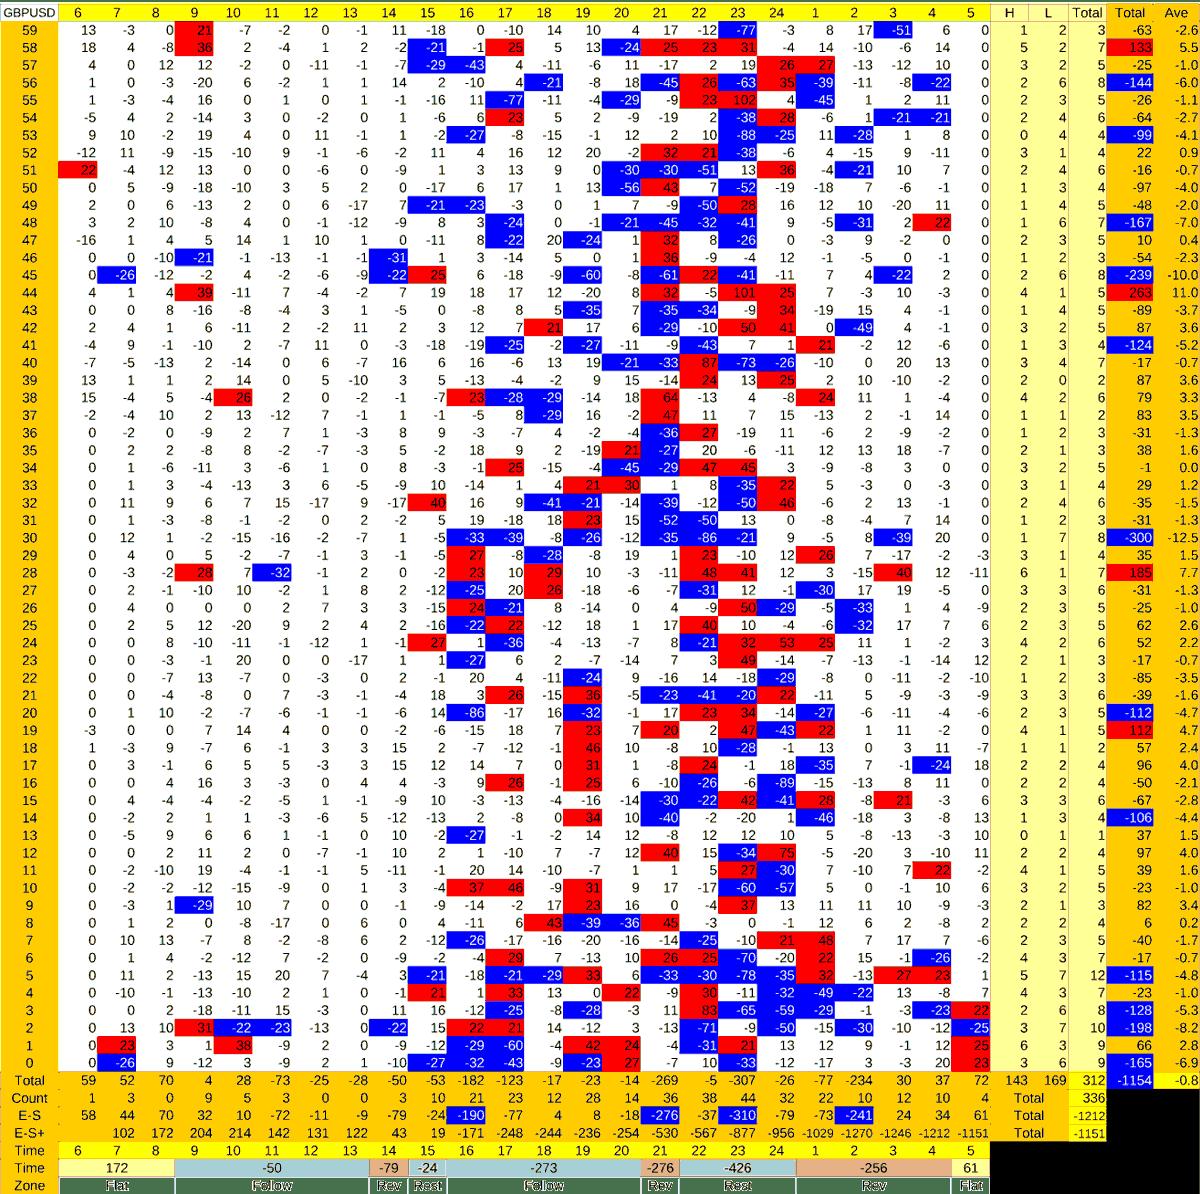 20210430_HS(2)GBPUSD